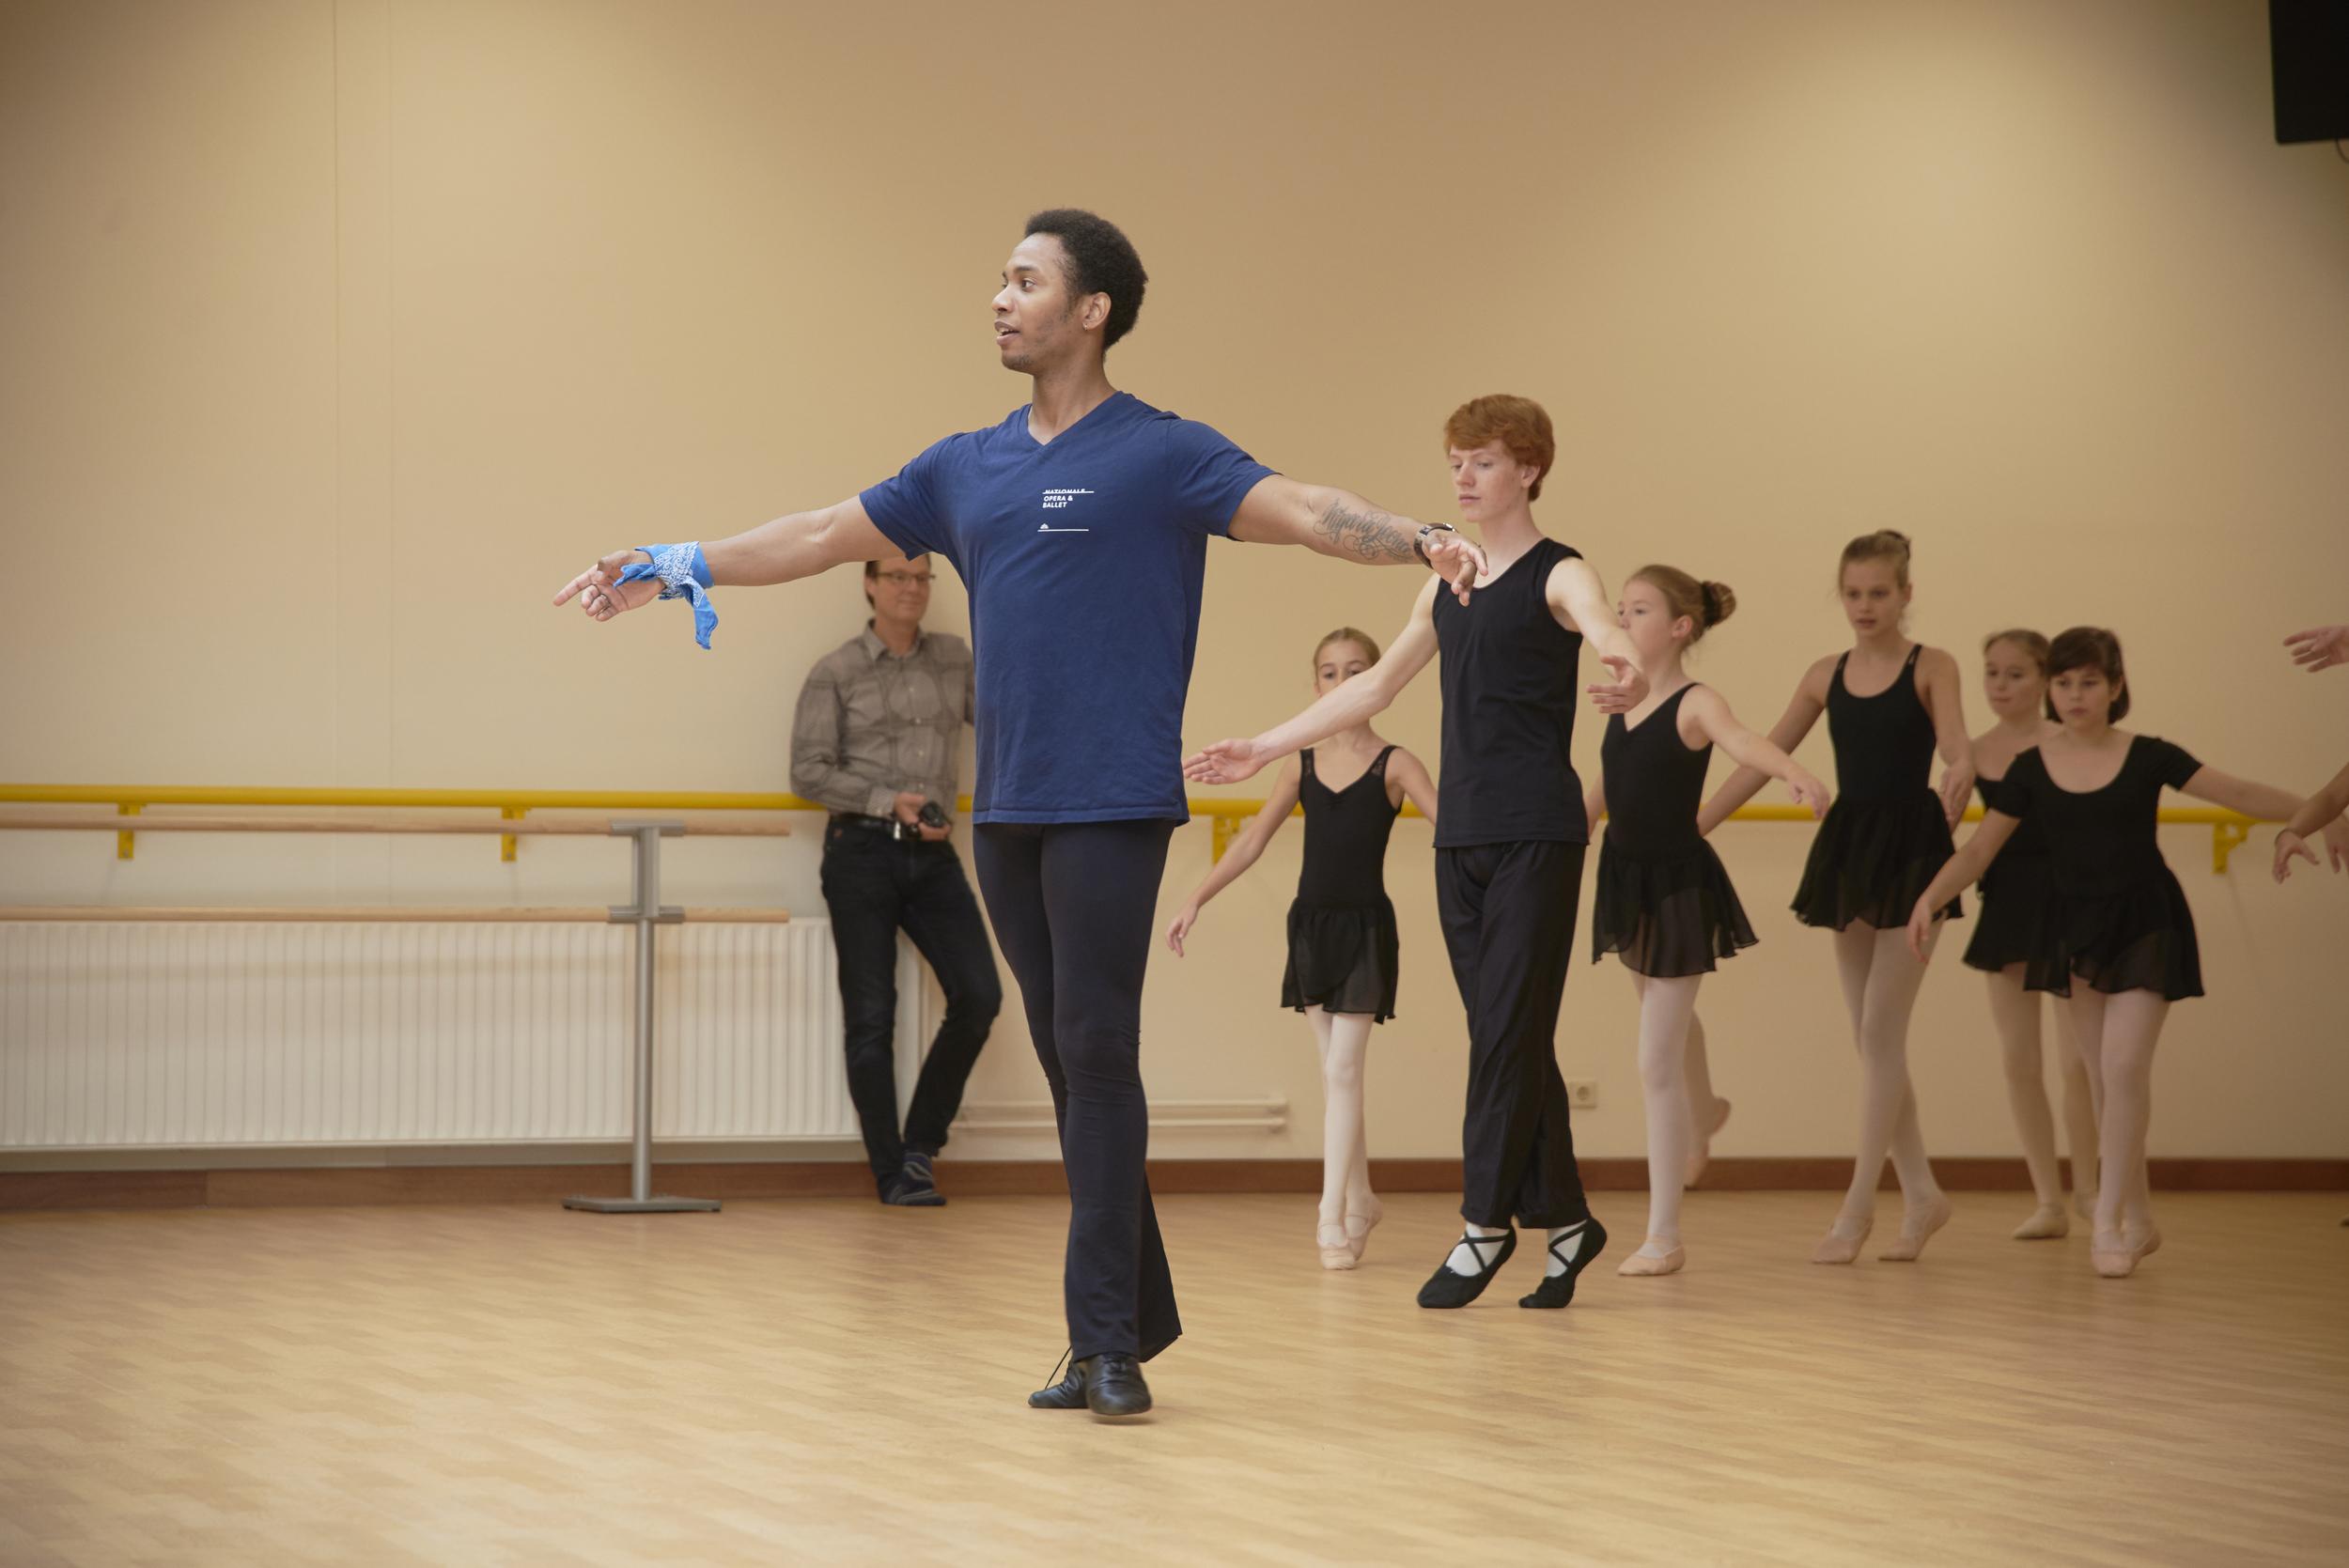 15_10_25_Balletschool Attitude 10 jaar_NIKON D610__DSC2053_PSD.jpg